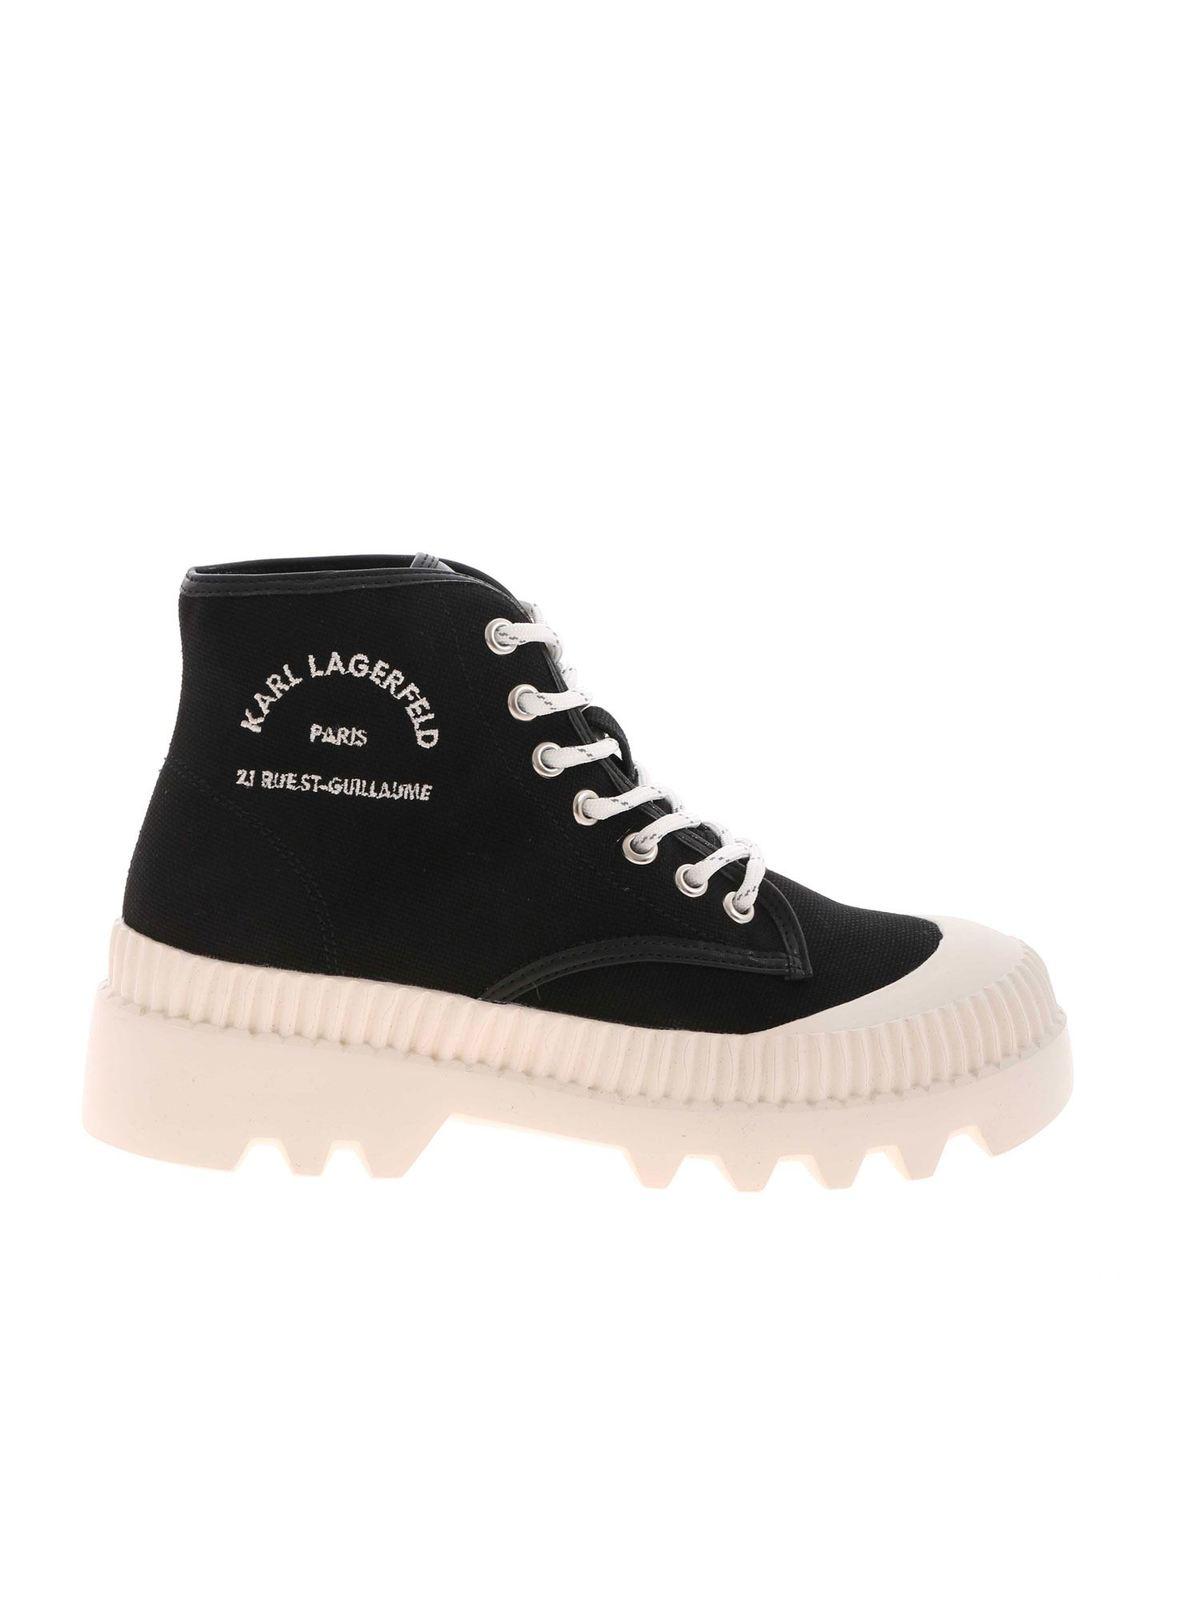 Karl Lagerfeld Sneakers LOGO EMBROIDERY SNEAKERS IN BLACK